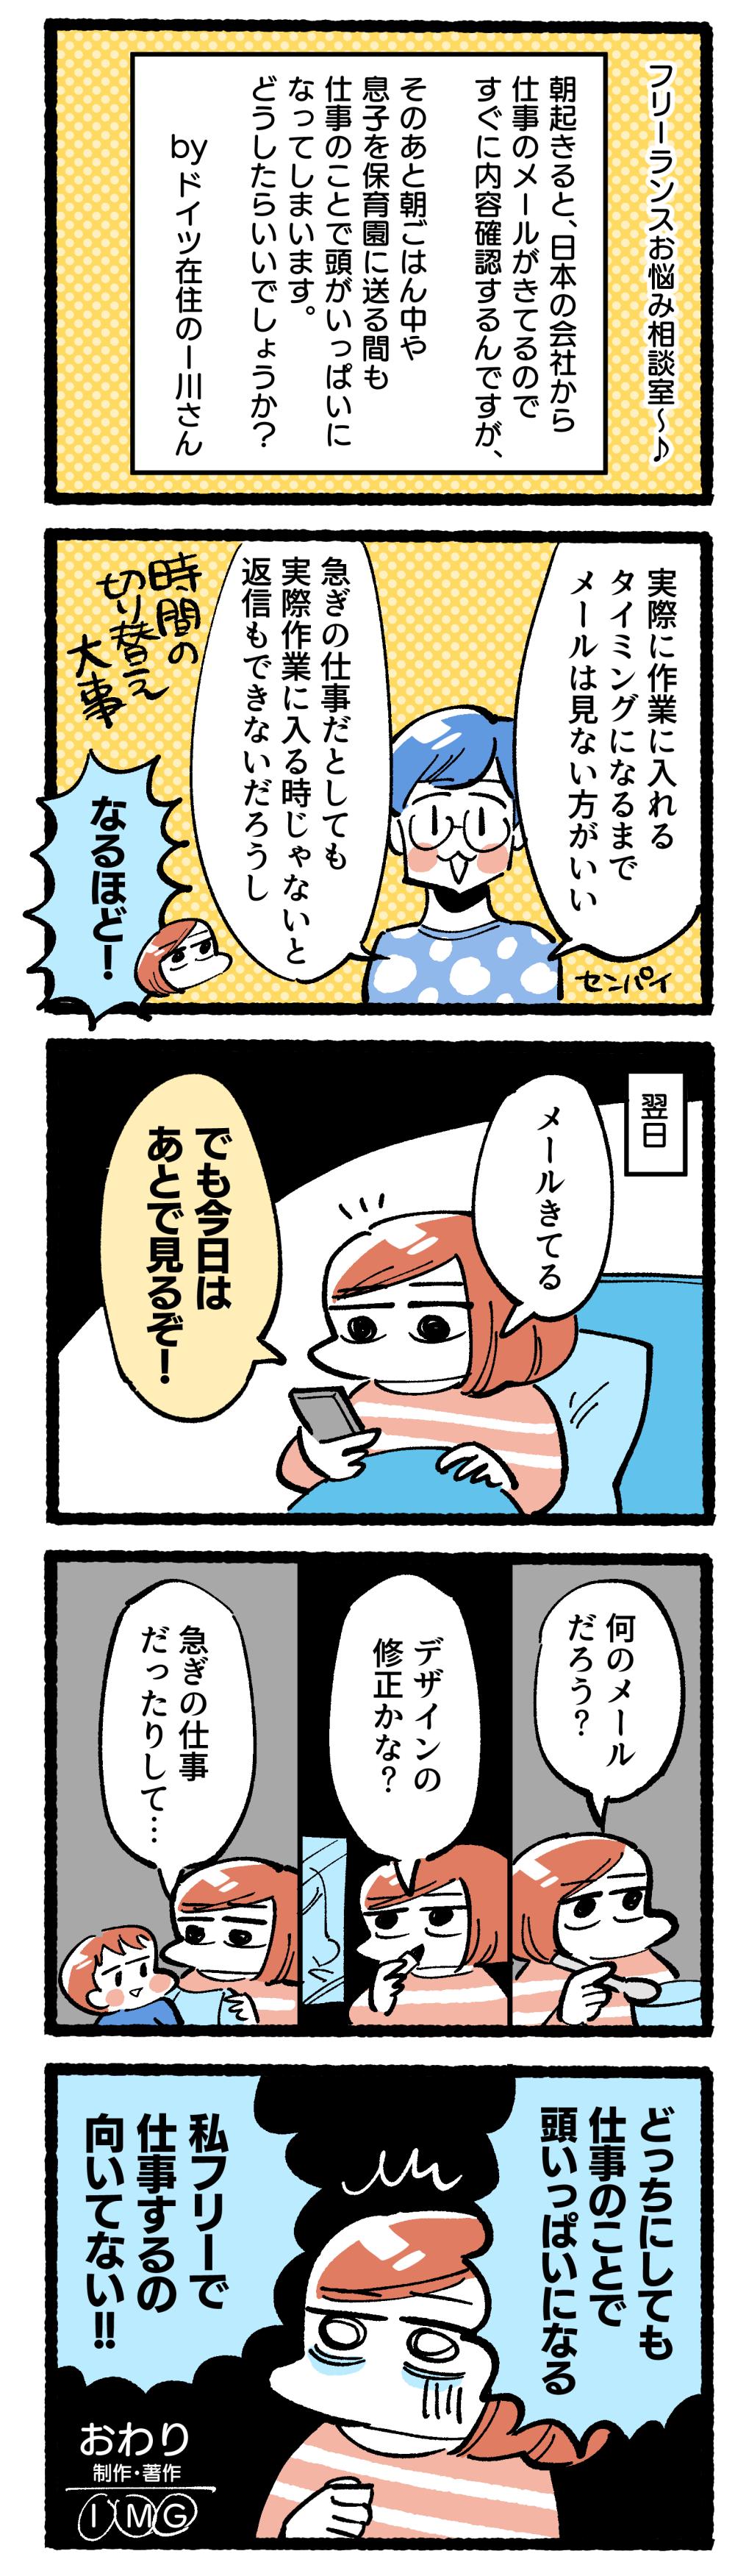 f:id:i_magawa:20200825032928p:plain